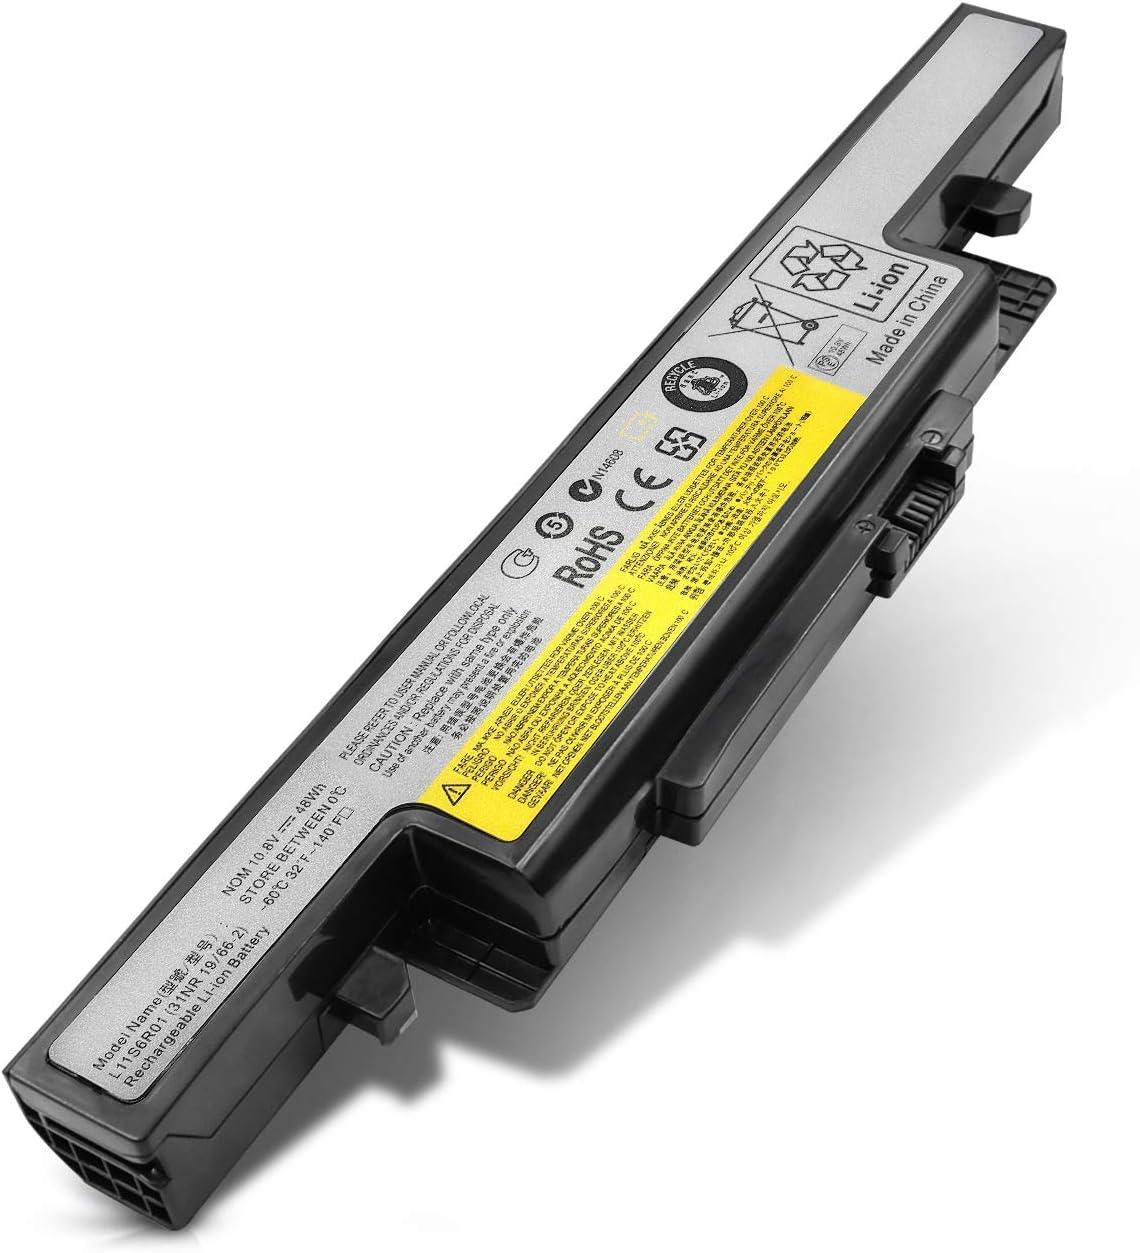 VillaCool New Laptop Battery for Lenovo Ideapad Y400 Y410 Y490 Y500 Y510 Y590 L11S6R01 L11L6R02 L12L6E01 L12S6A01 L12S6E01 3ICR19/65-2 3INR19/66-2 -10.8V 48Wh